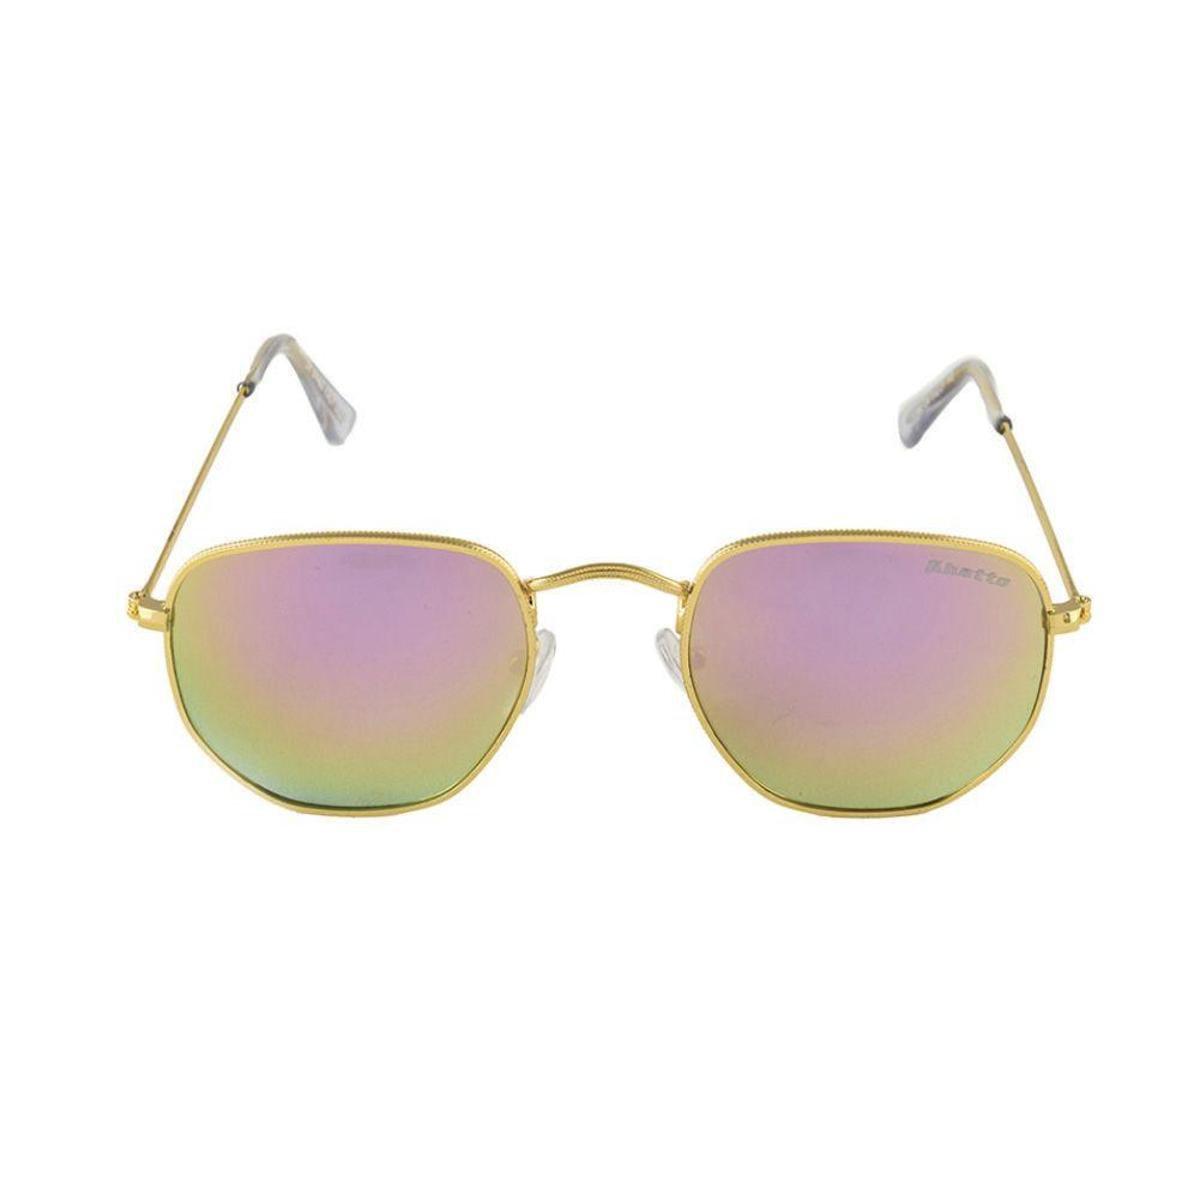 c58bedd5f03ec Óculos de Sol Khatto Fusion Round Masculino - Rosa e Dourado - Compre Agora